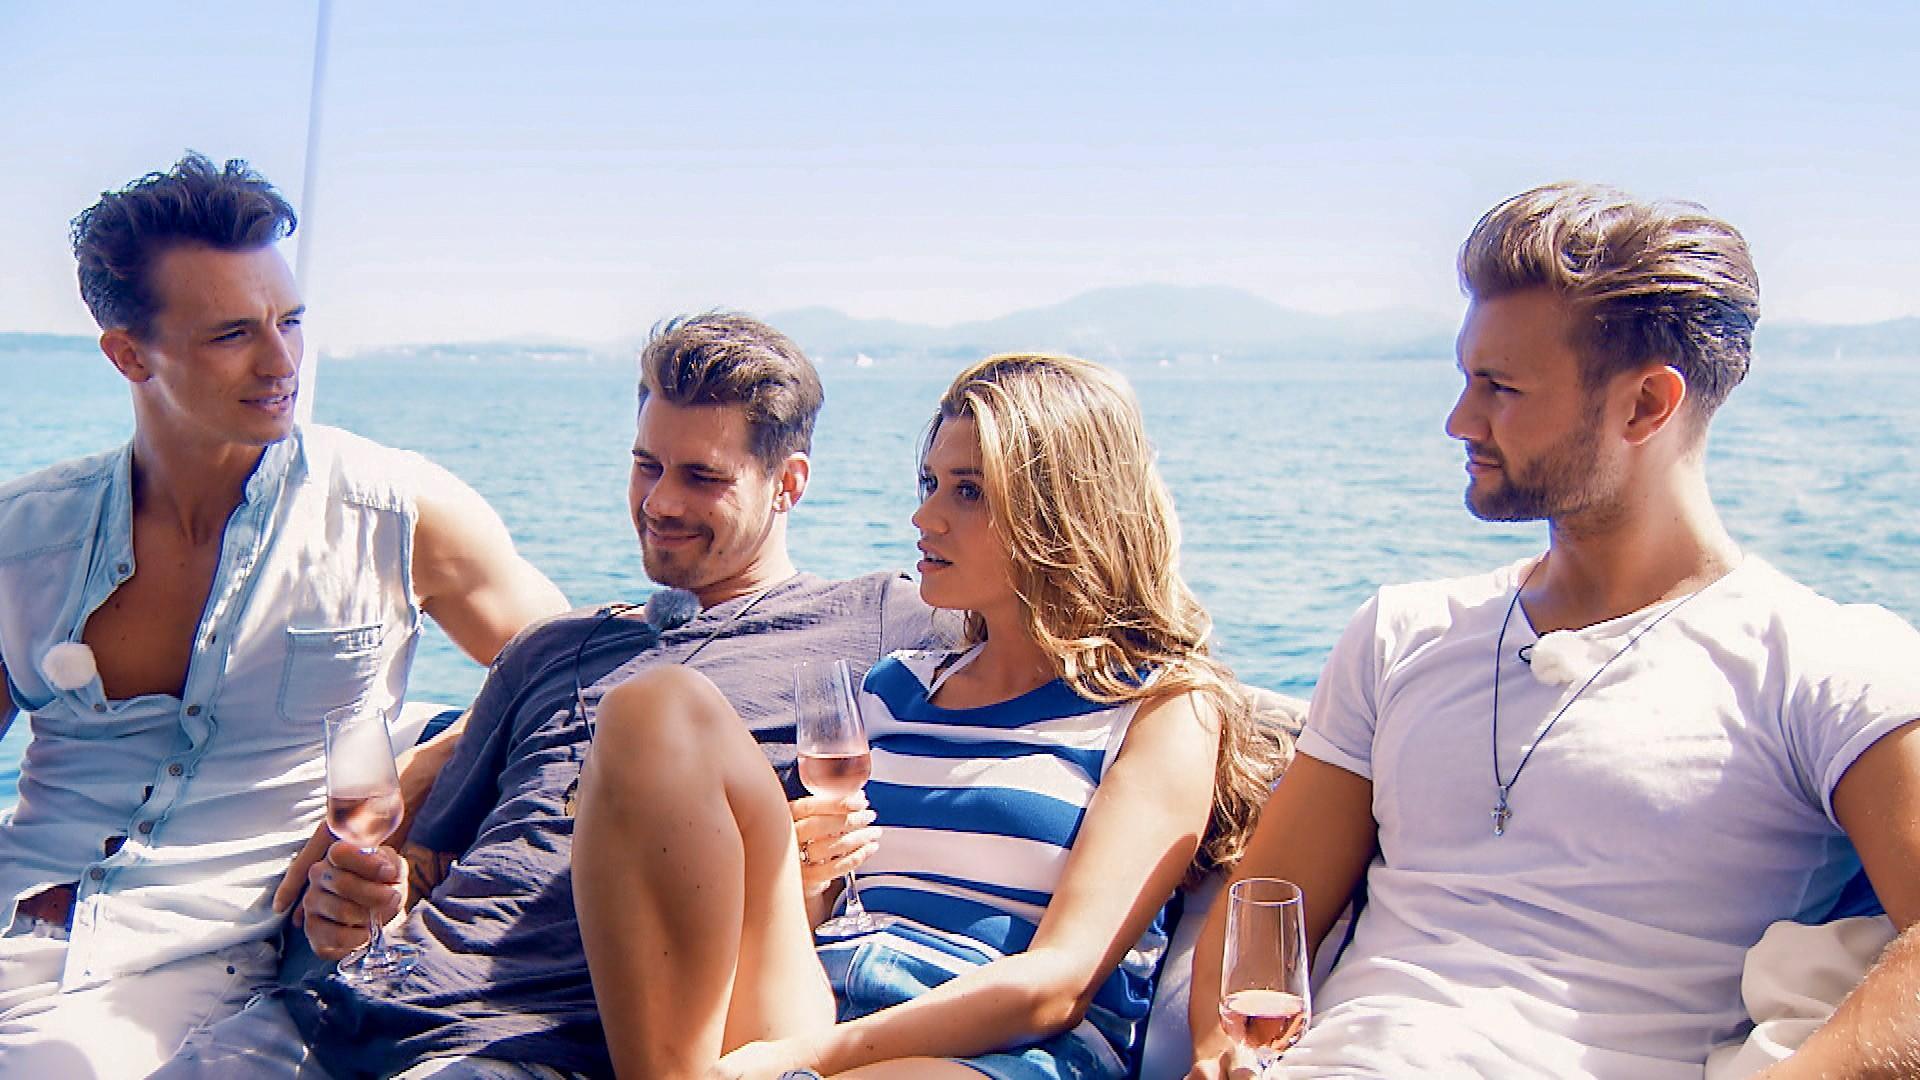 """Auf dem Katamaran geht es für die """"Bachelorette"""" und ihre Männer auf eine Insel."""